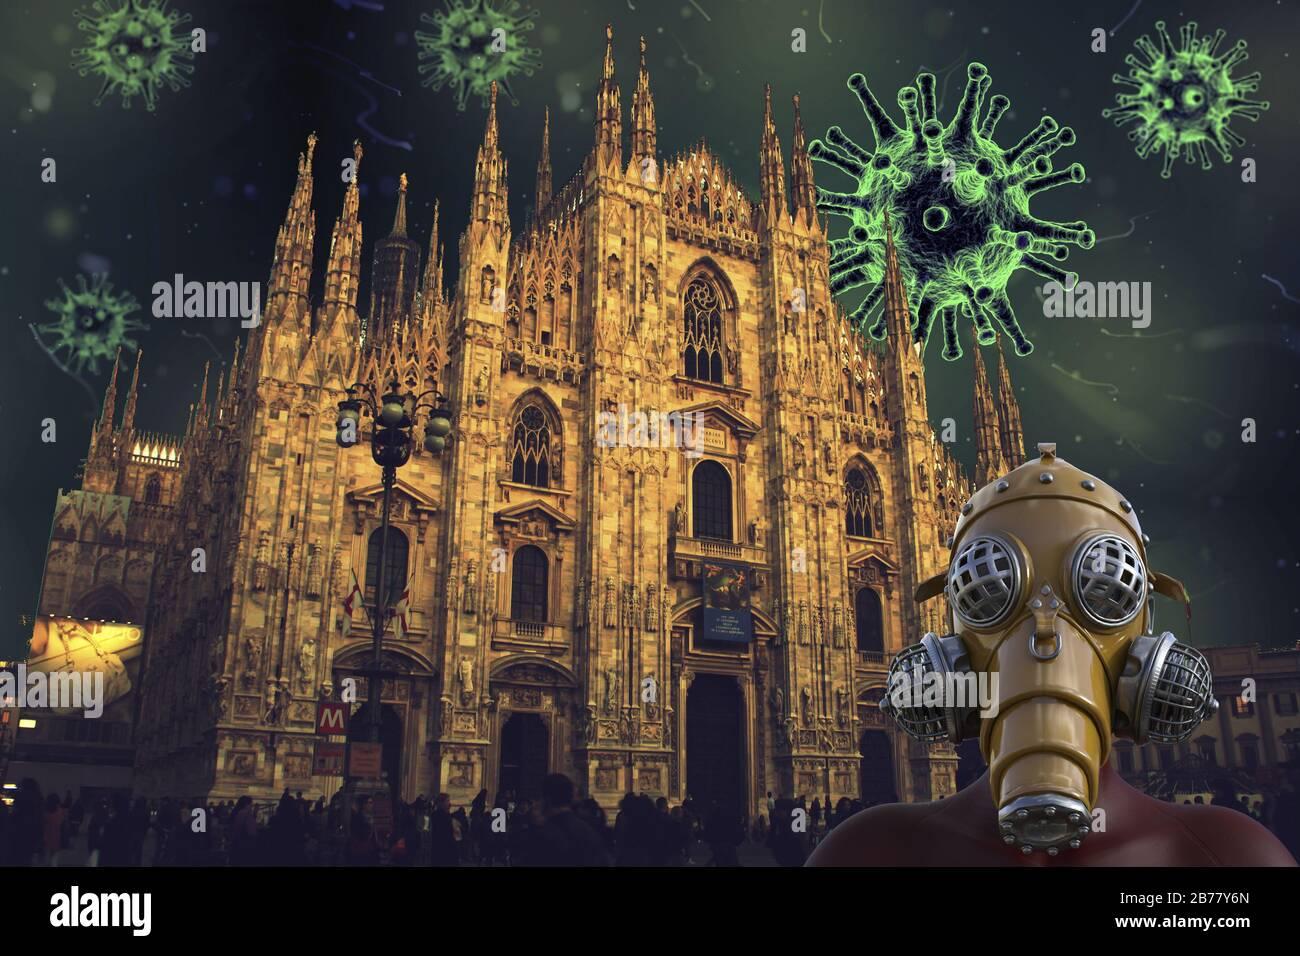 Coronavirus en la catedral de Milán: Virus covid-19 en Italia Foto de stock